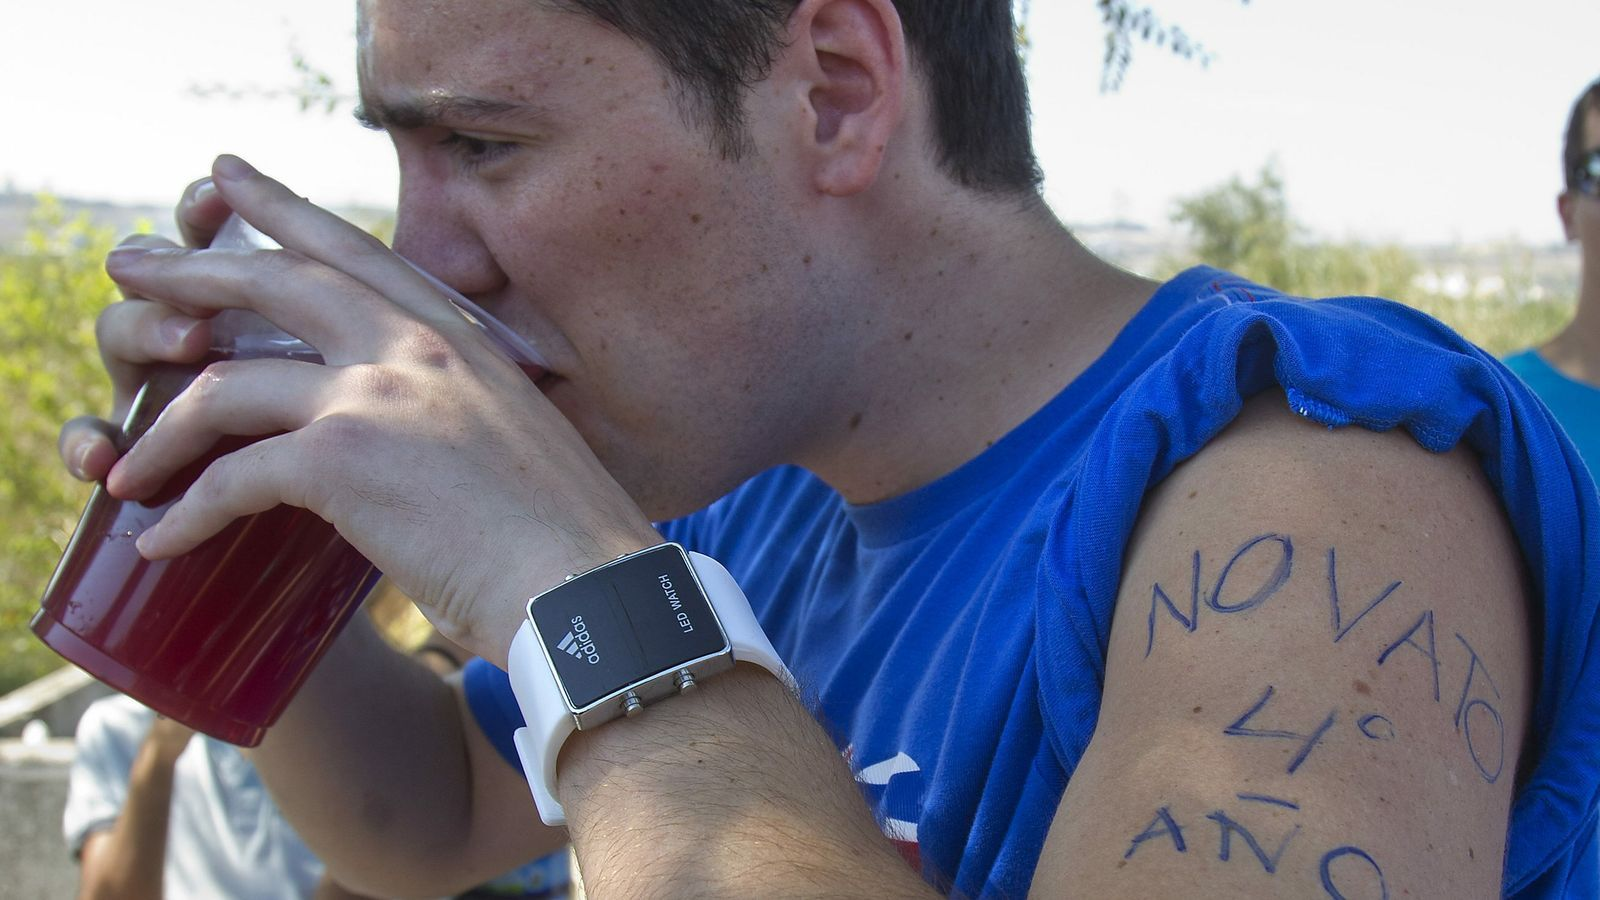 Les urgències catalanes atenen 79 joves per intoxicació alcohòlica cada cap de setmana